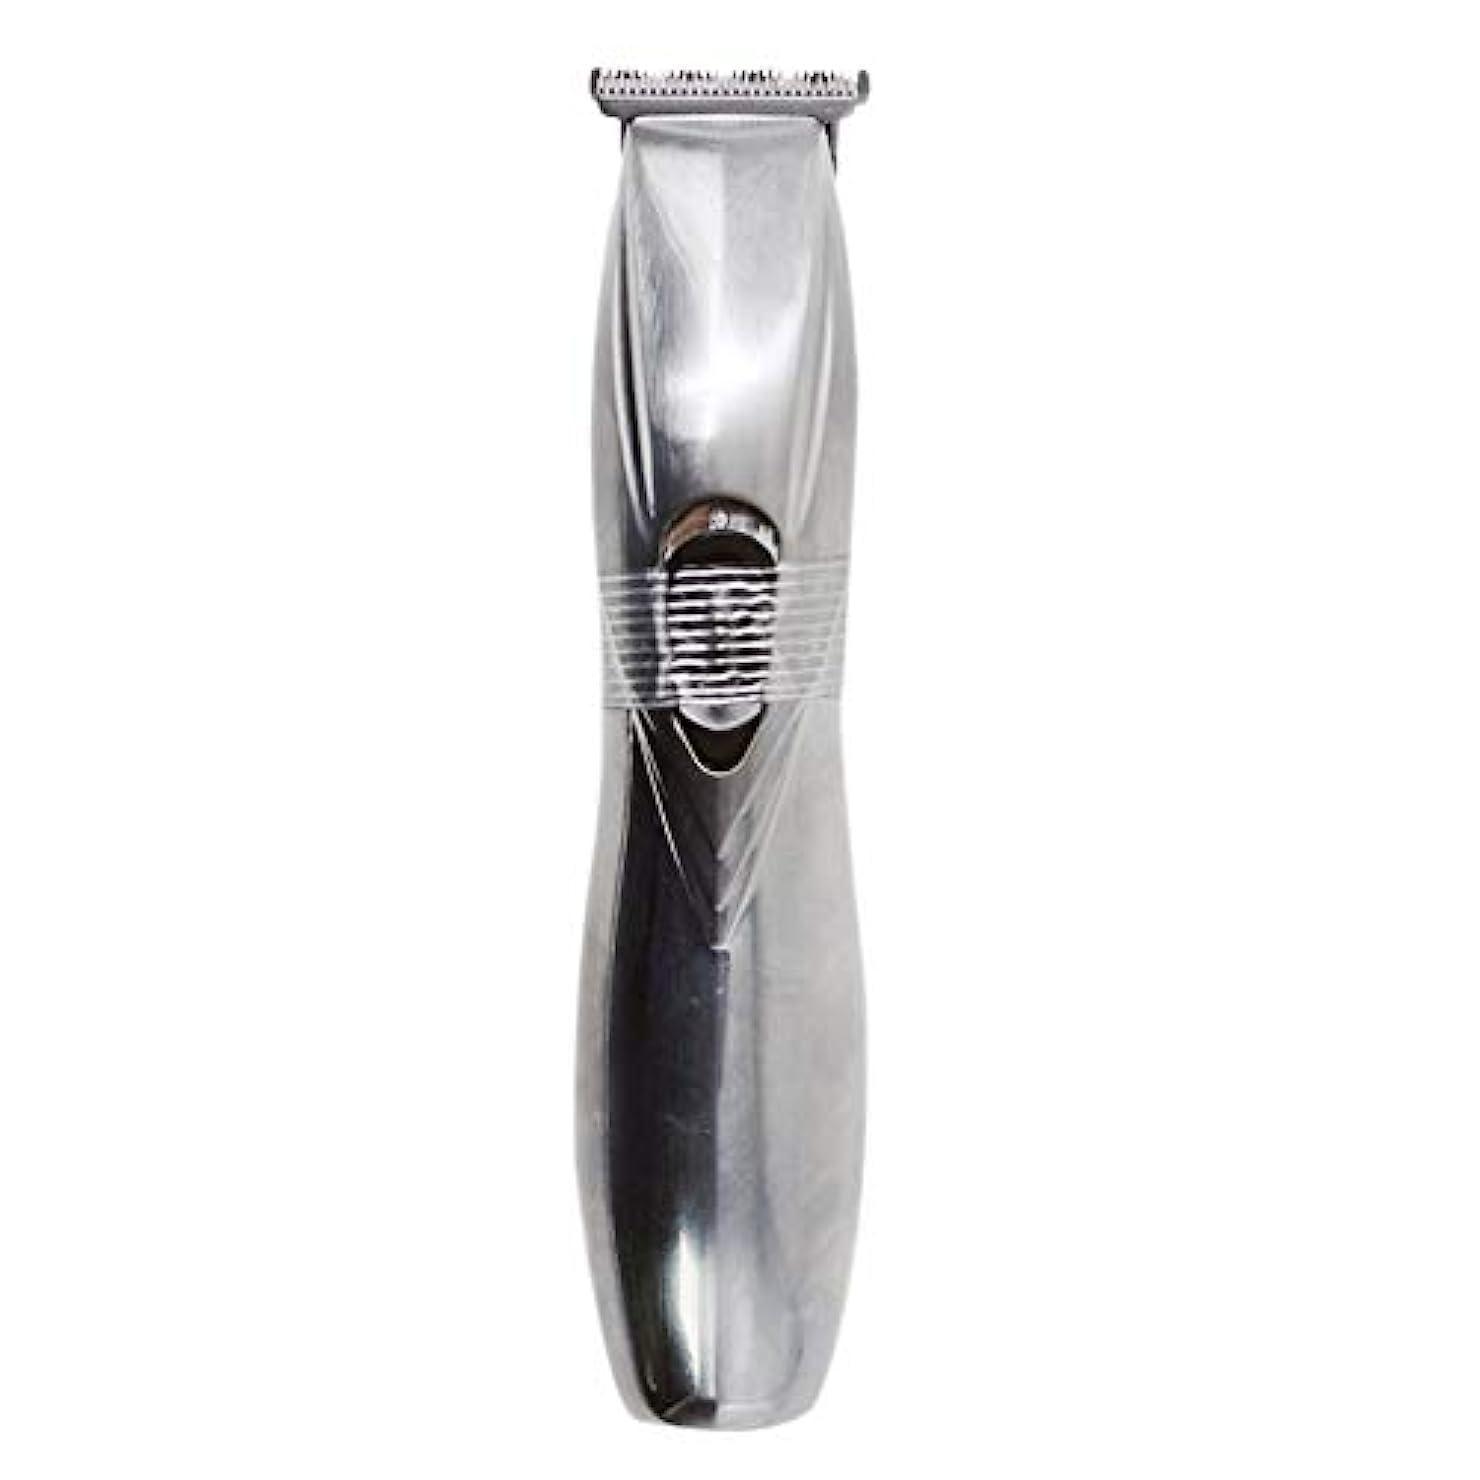 静的穴安全性プロフェッショナル電動バリカンは、男性の髪トリマー用に新しくデザイン切断機は、マシン110-240V切削します